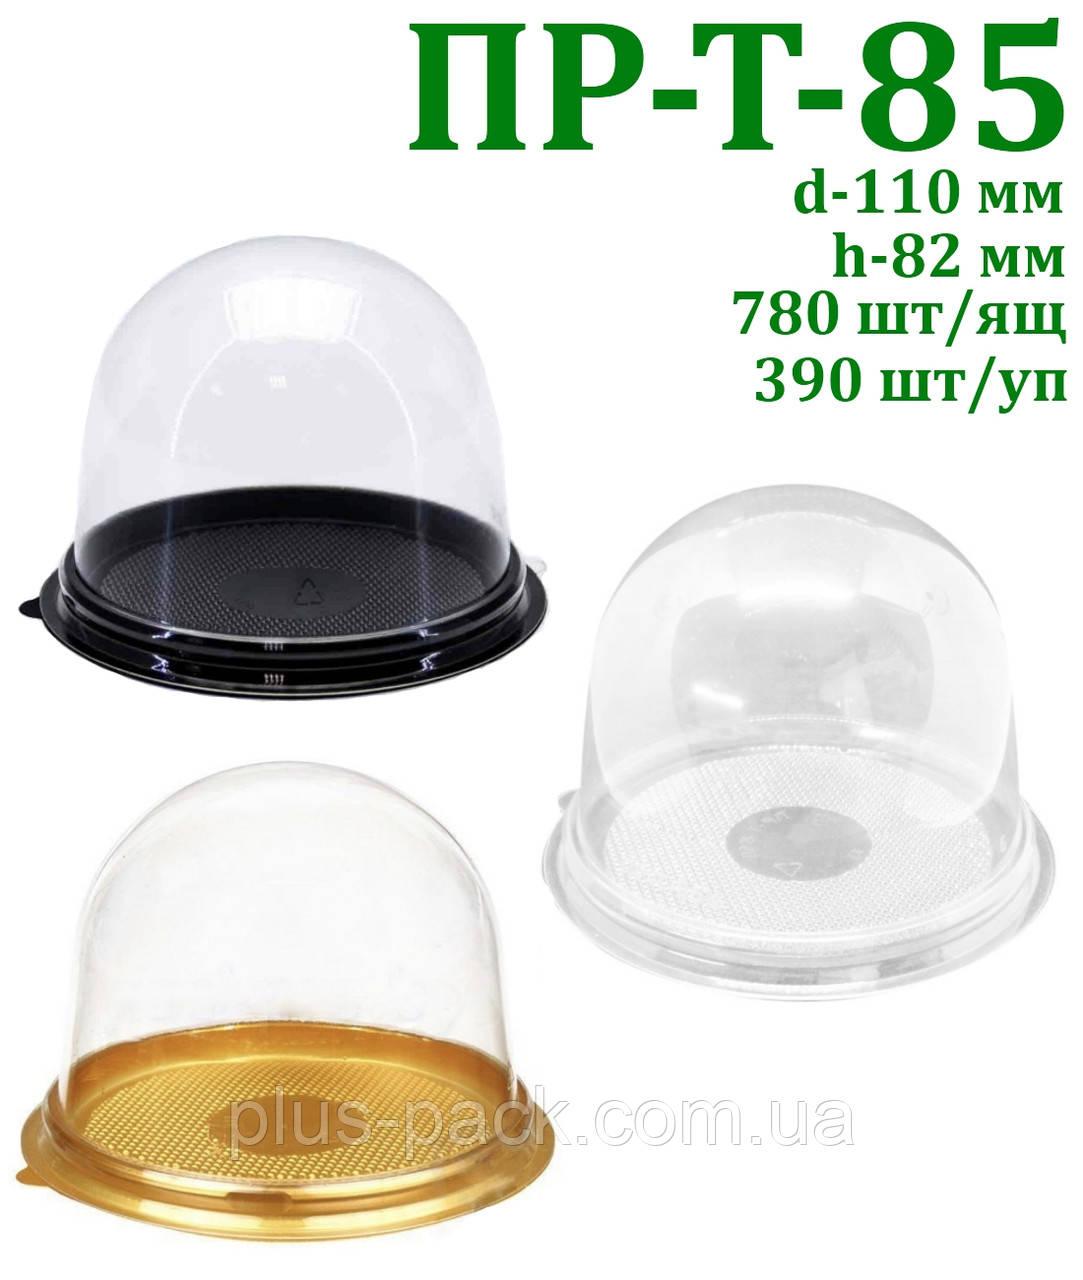 Упаковка для тістечка ПР-Т 85, 390шт/уп